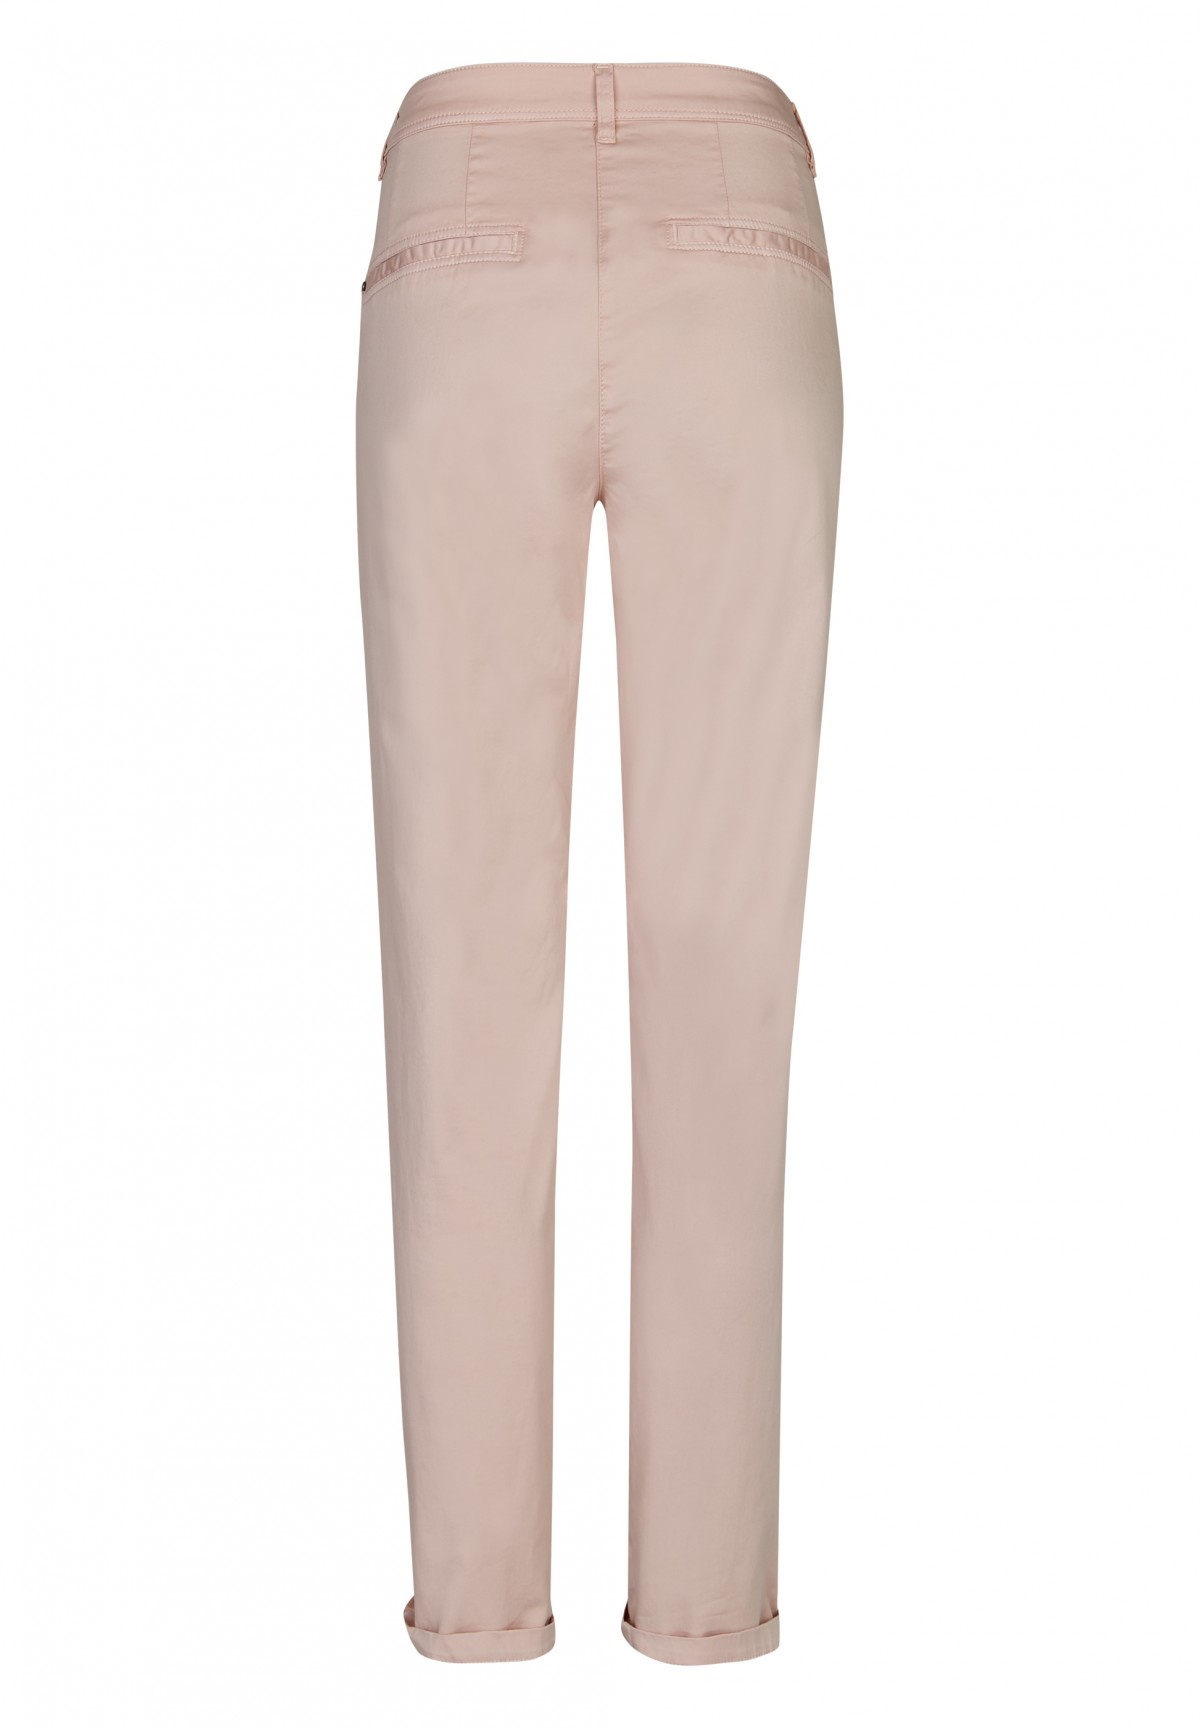 Pantalon droit 5 poches en coton/ élasthane /